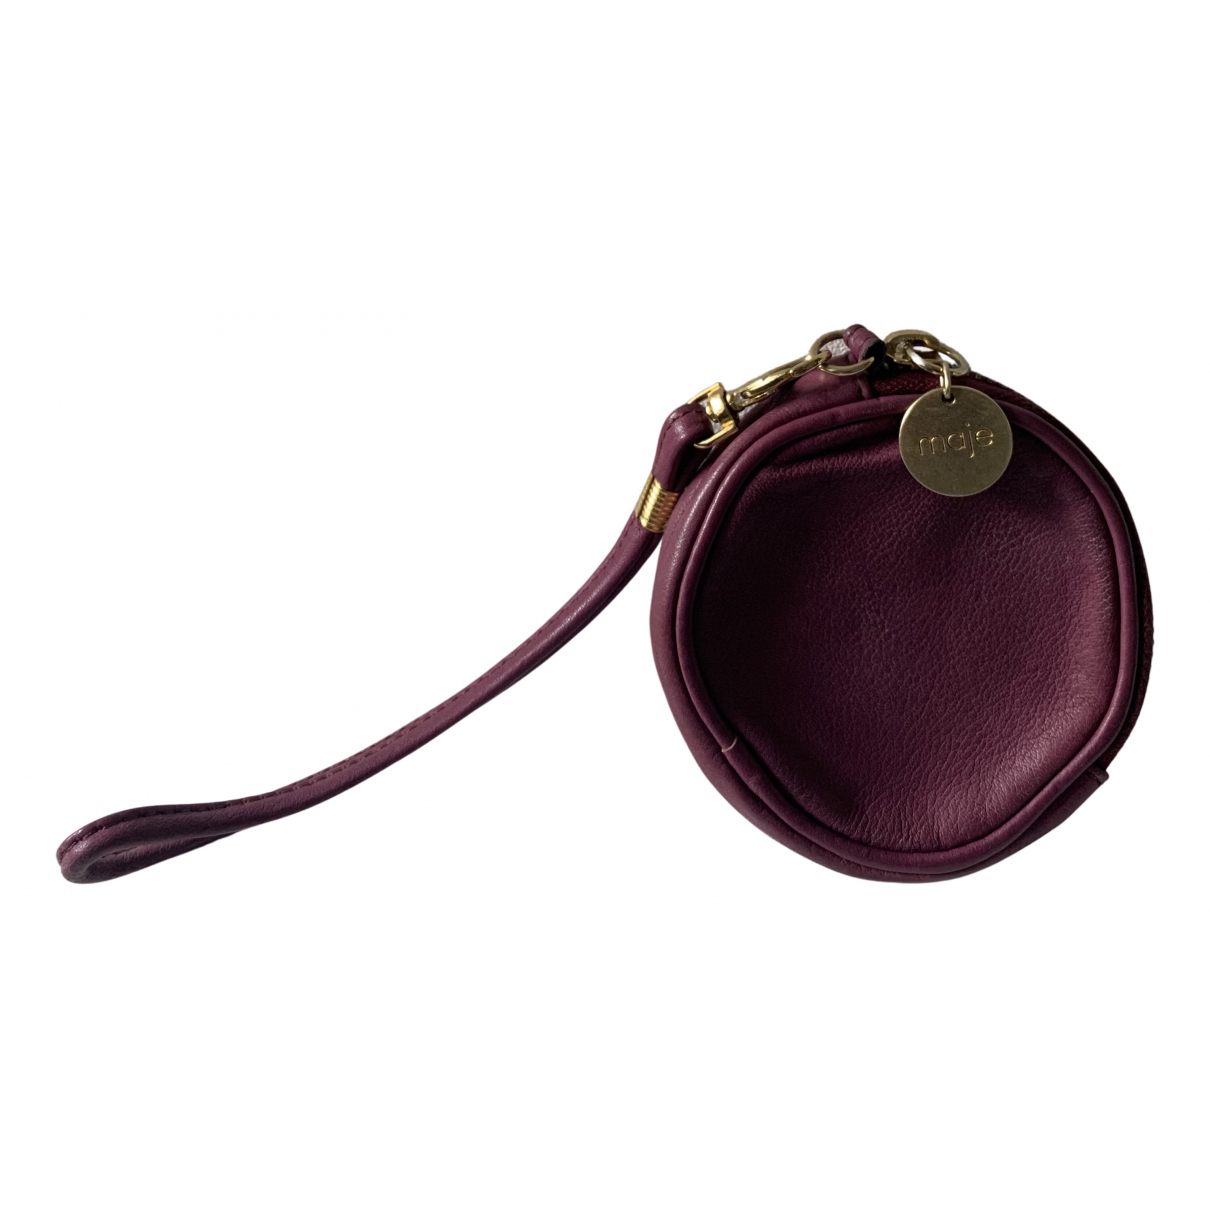 Maje - Petite maroquinerie   pour femme en cuir - violet